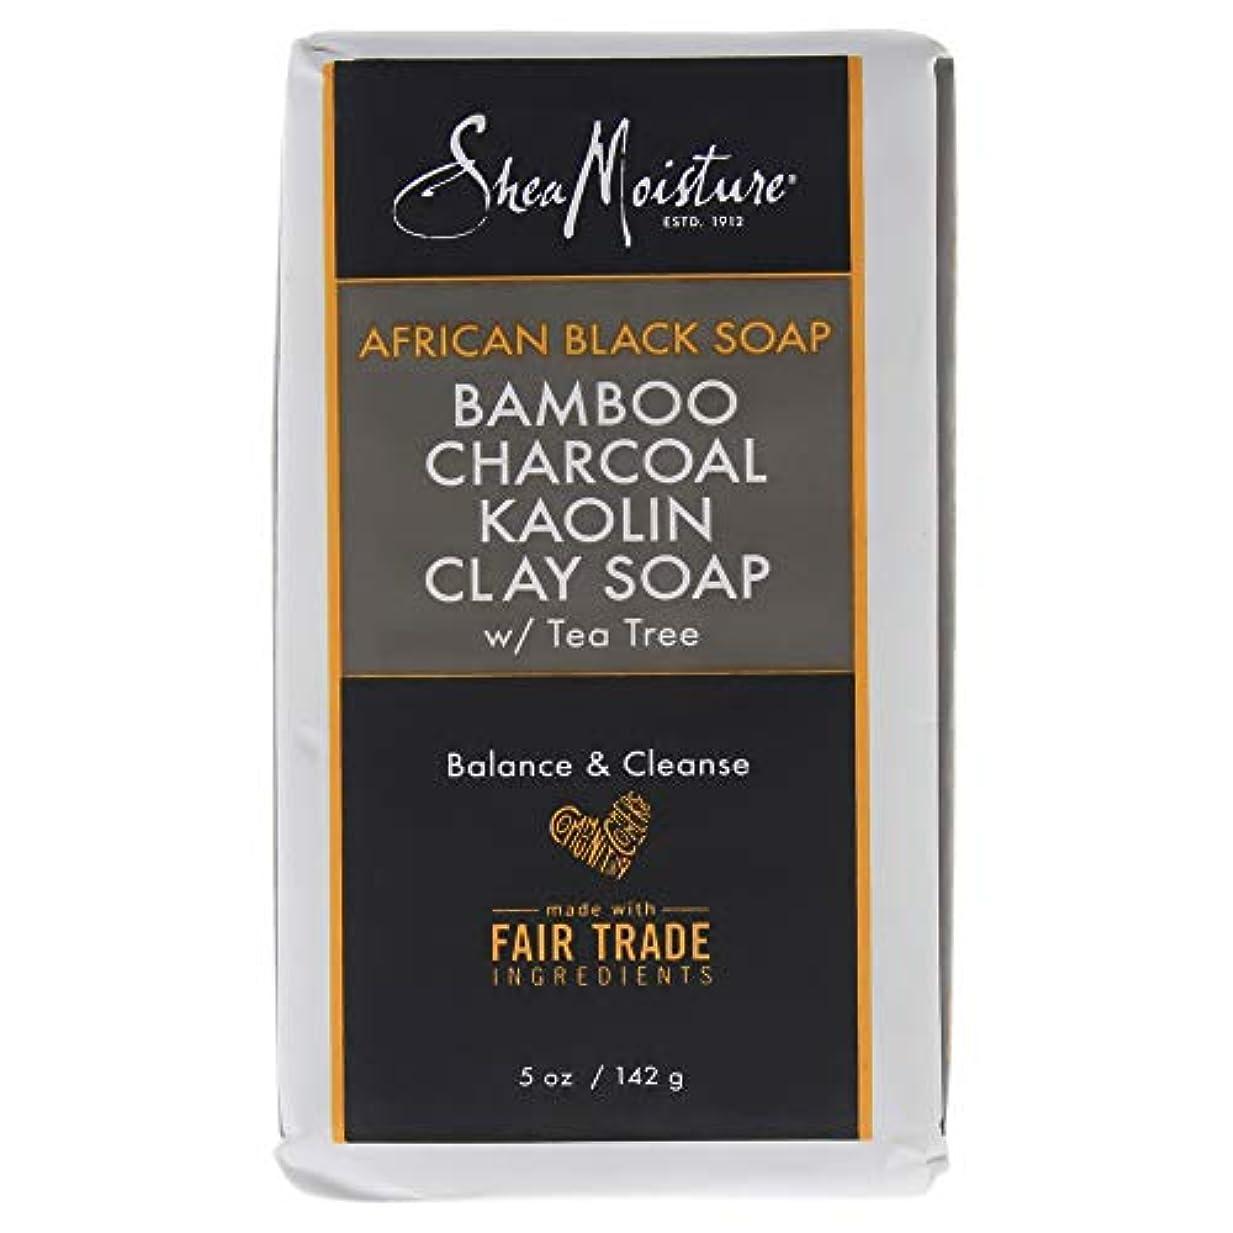 前提条件同僚豚African Black Soap Bamboo Charcoal Kaolin Clay Soap